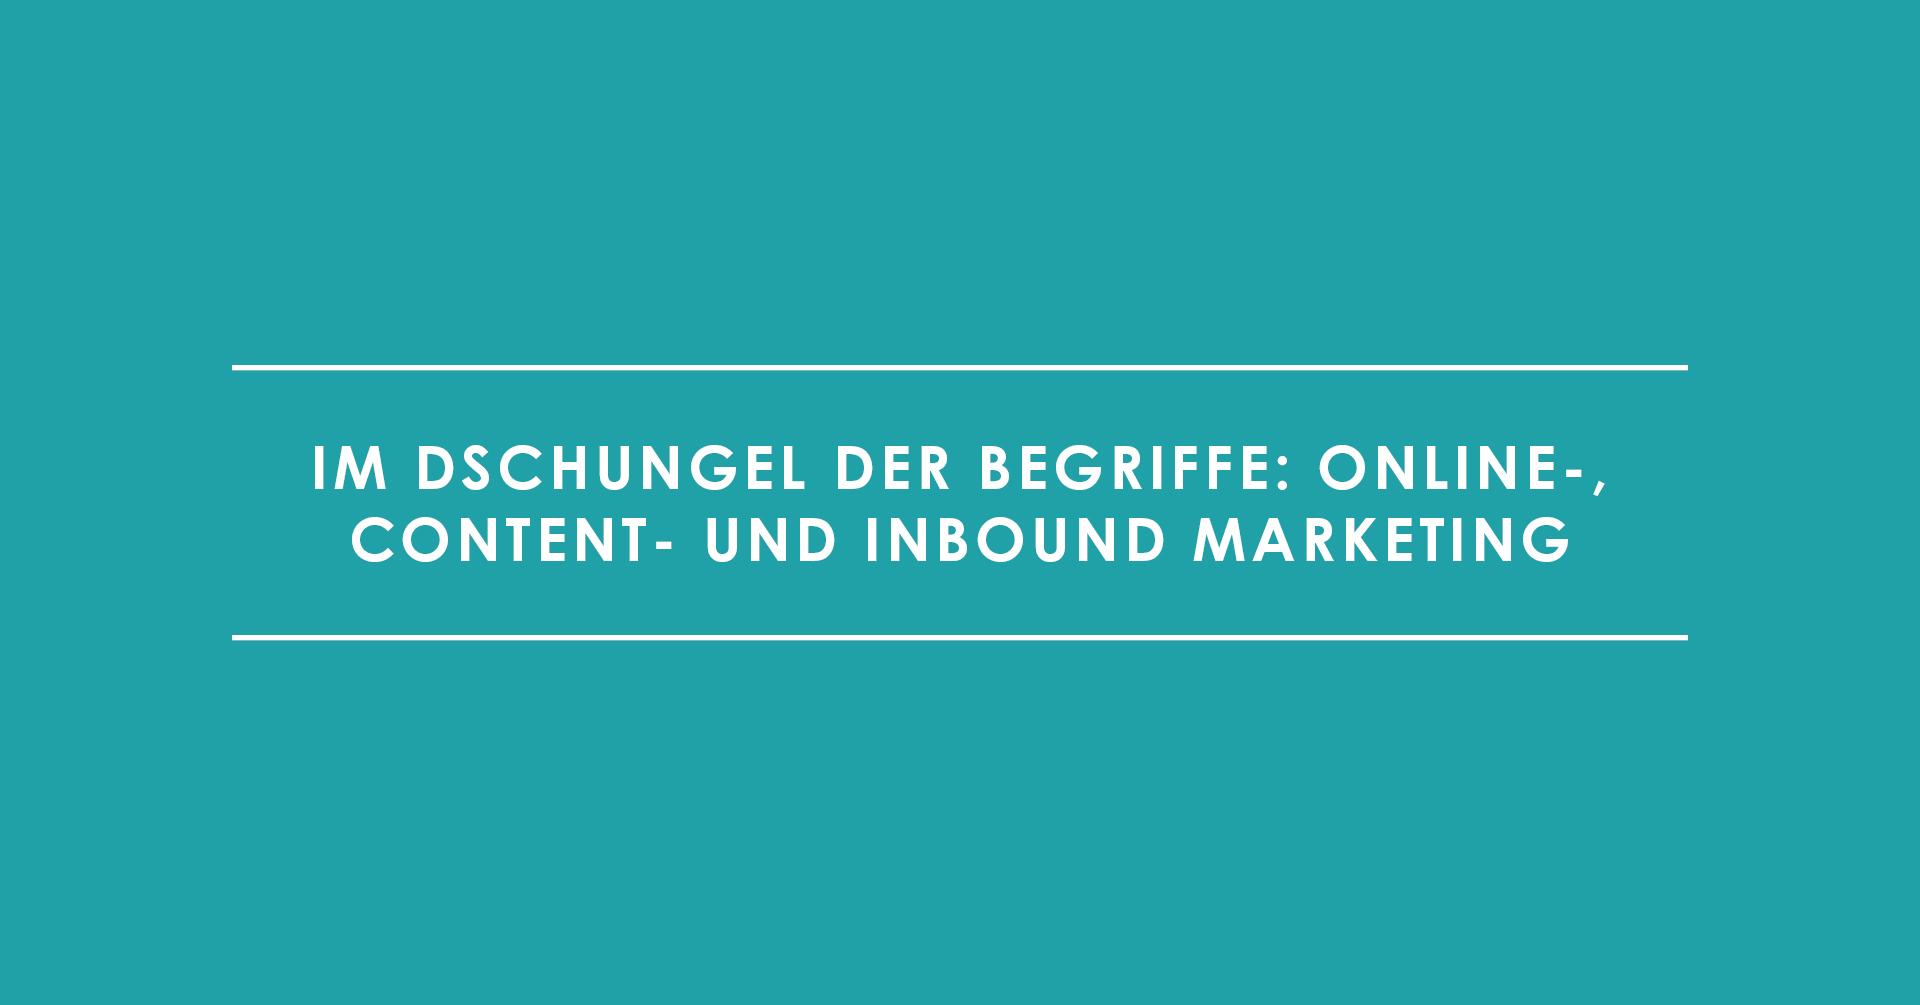 Im Dschungel der Begriffe: Online-, Content- und Inbound Marketing